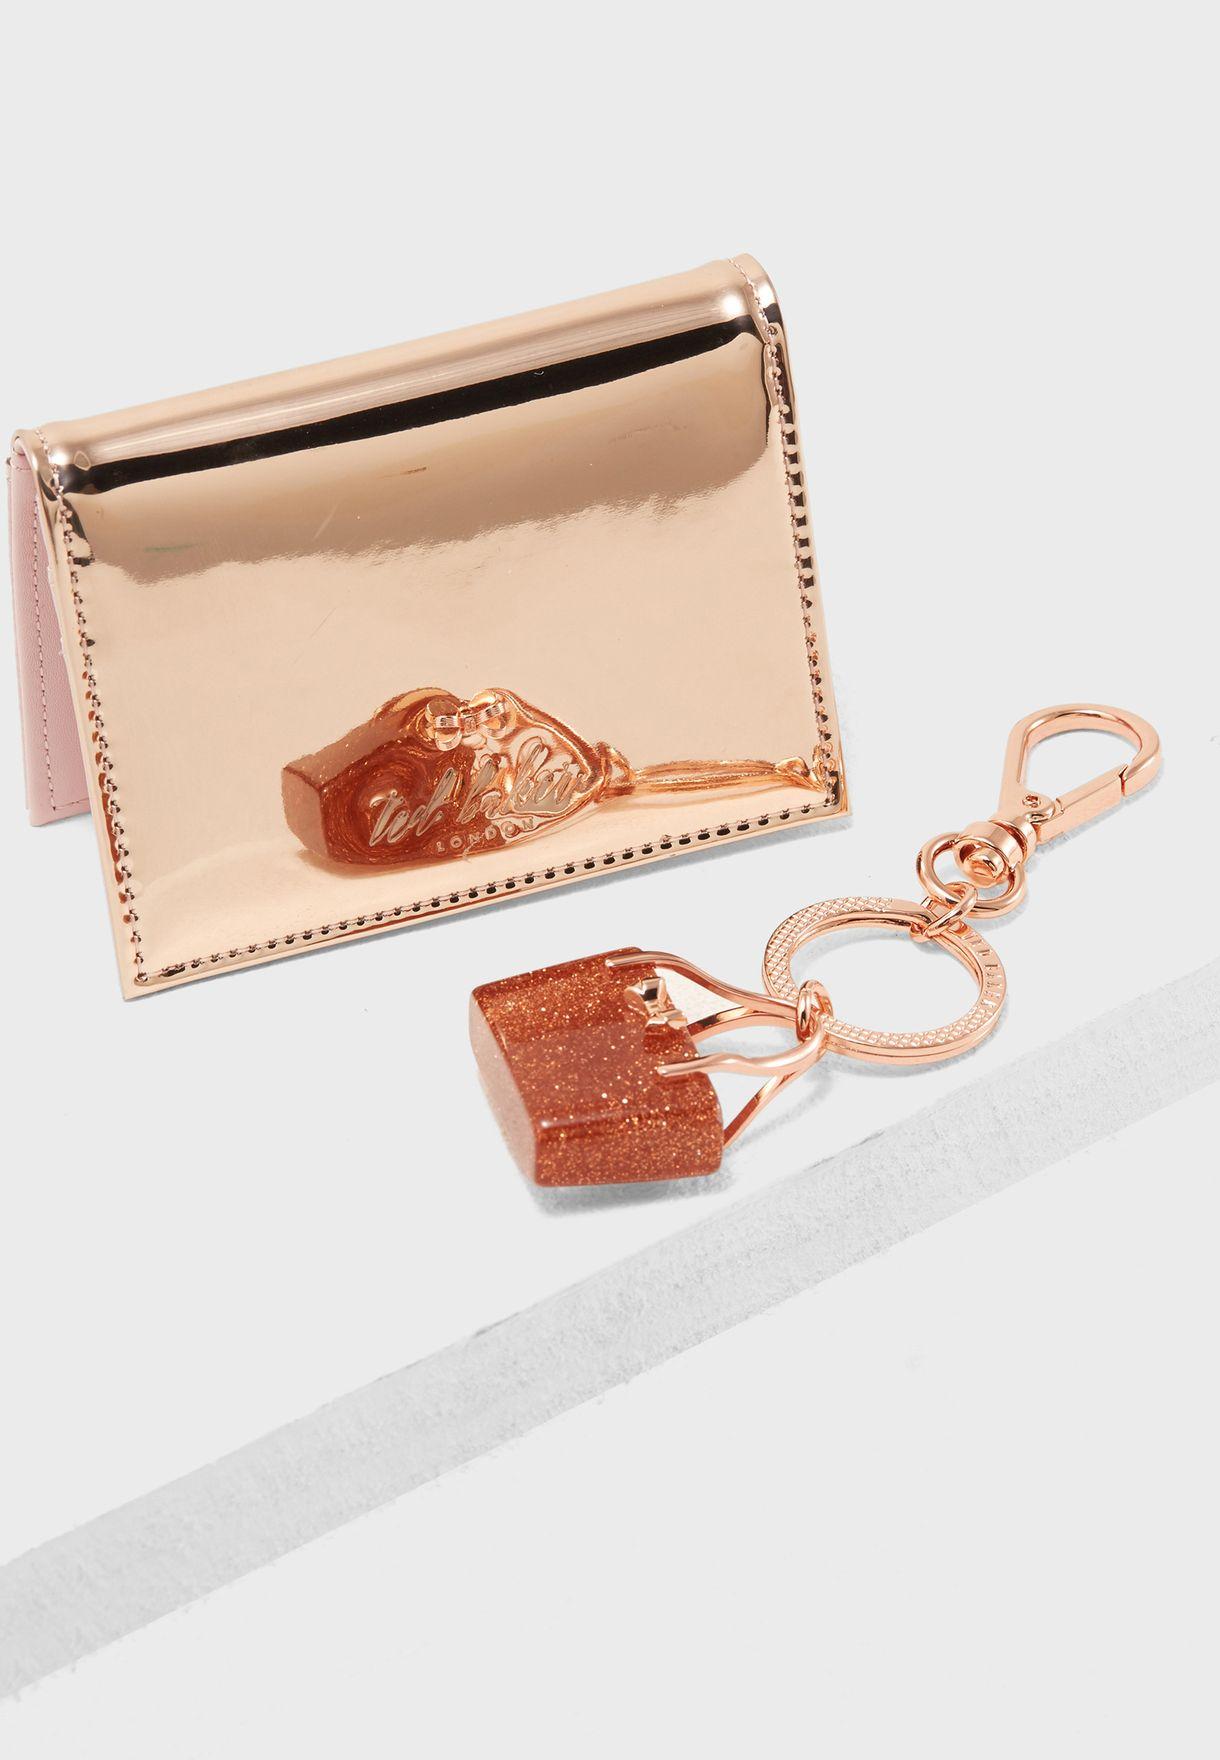 d8a347a705 Shop Ted baker pink Card Holder + Key Ring Gift Set WXG-CAAROLL-DA7W ...